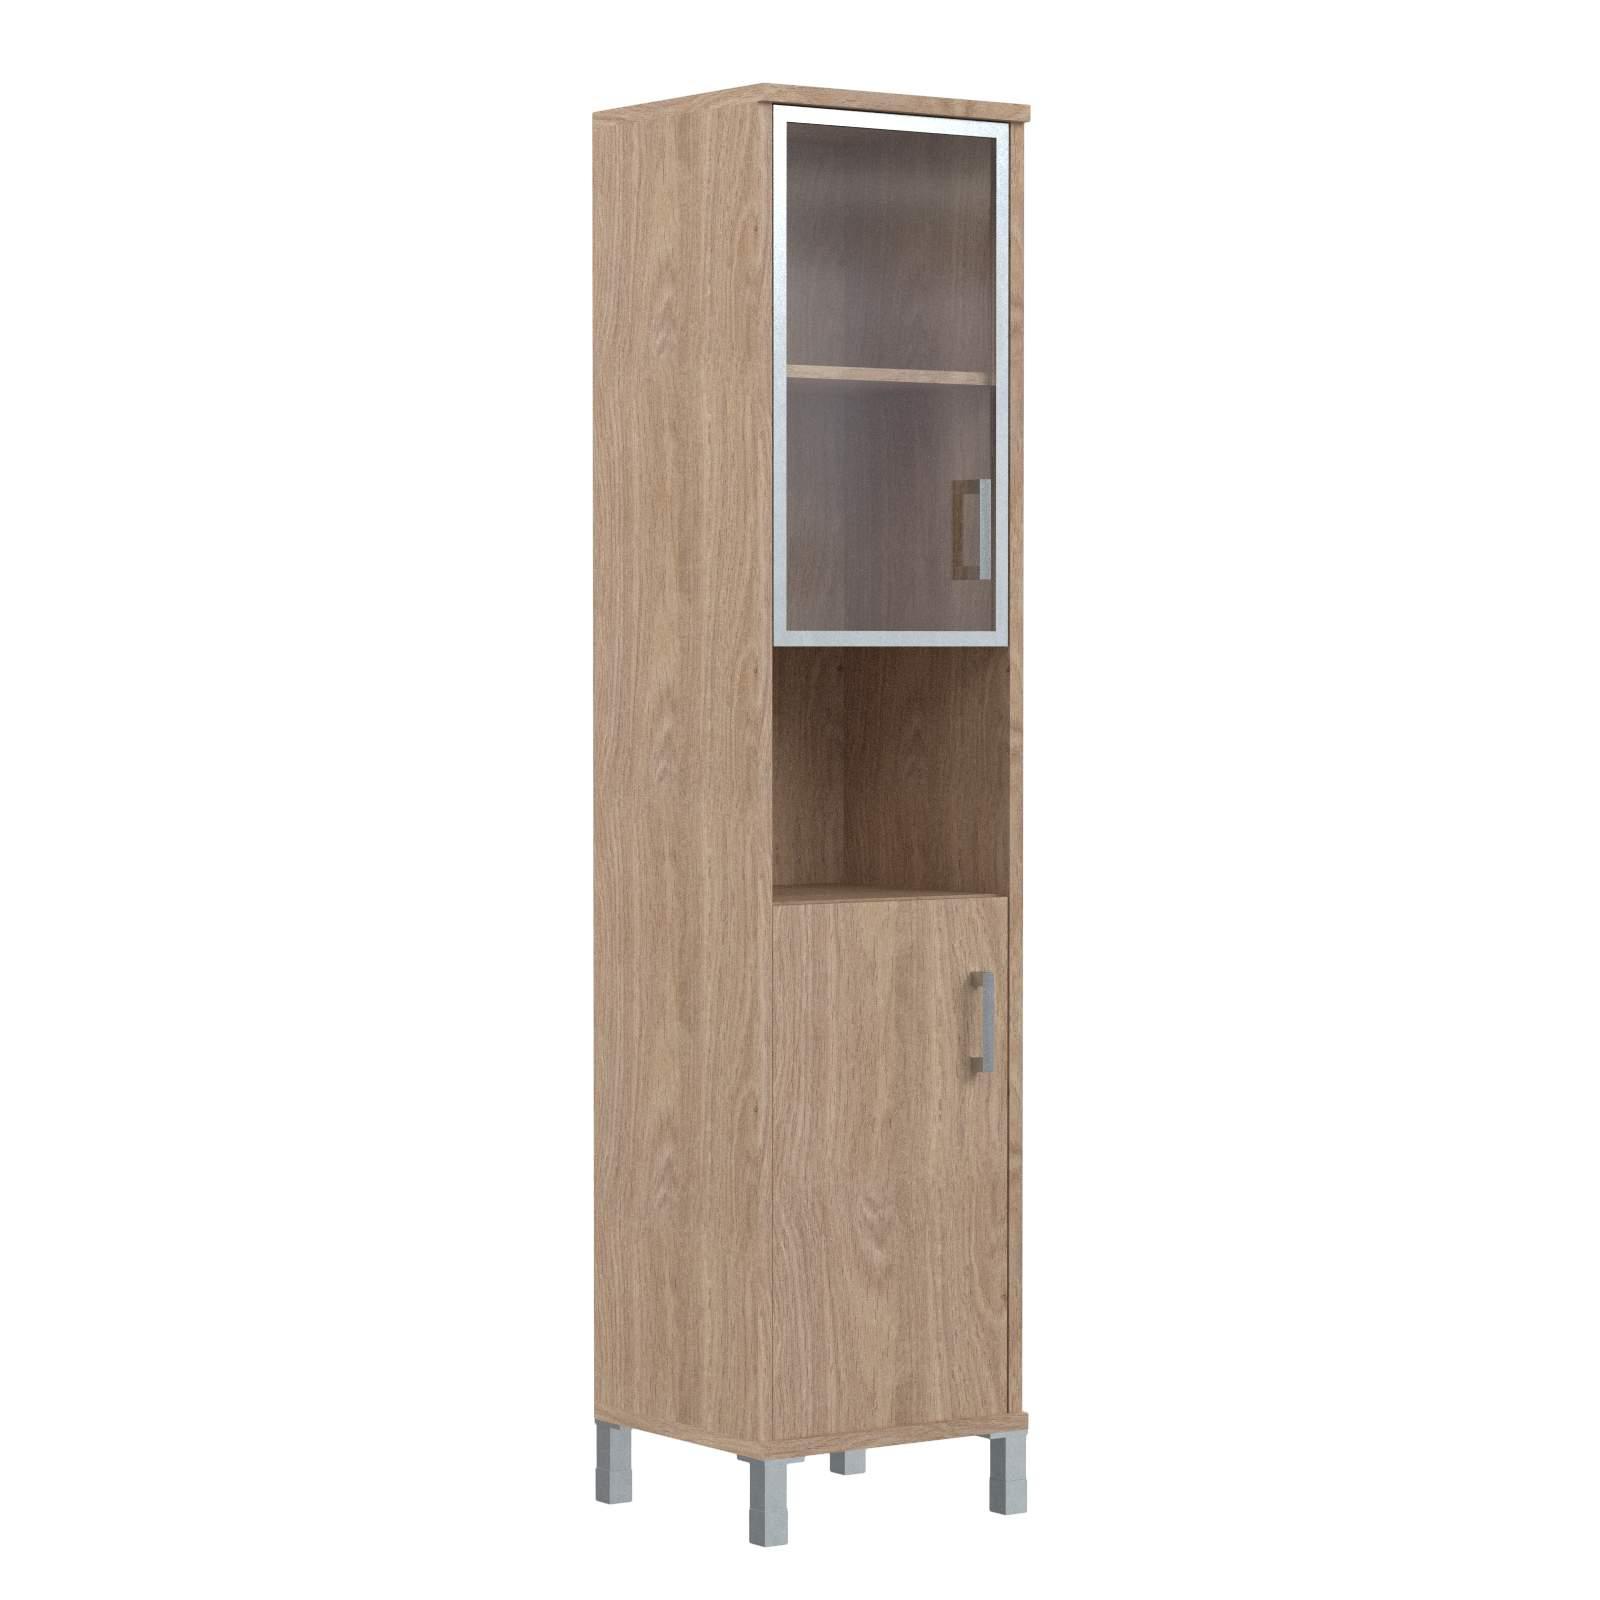 Шкаф колонка высокая с малой стеклянной дверью в алюм. рамке и глухой левая 475х435х2004